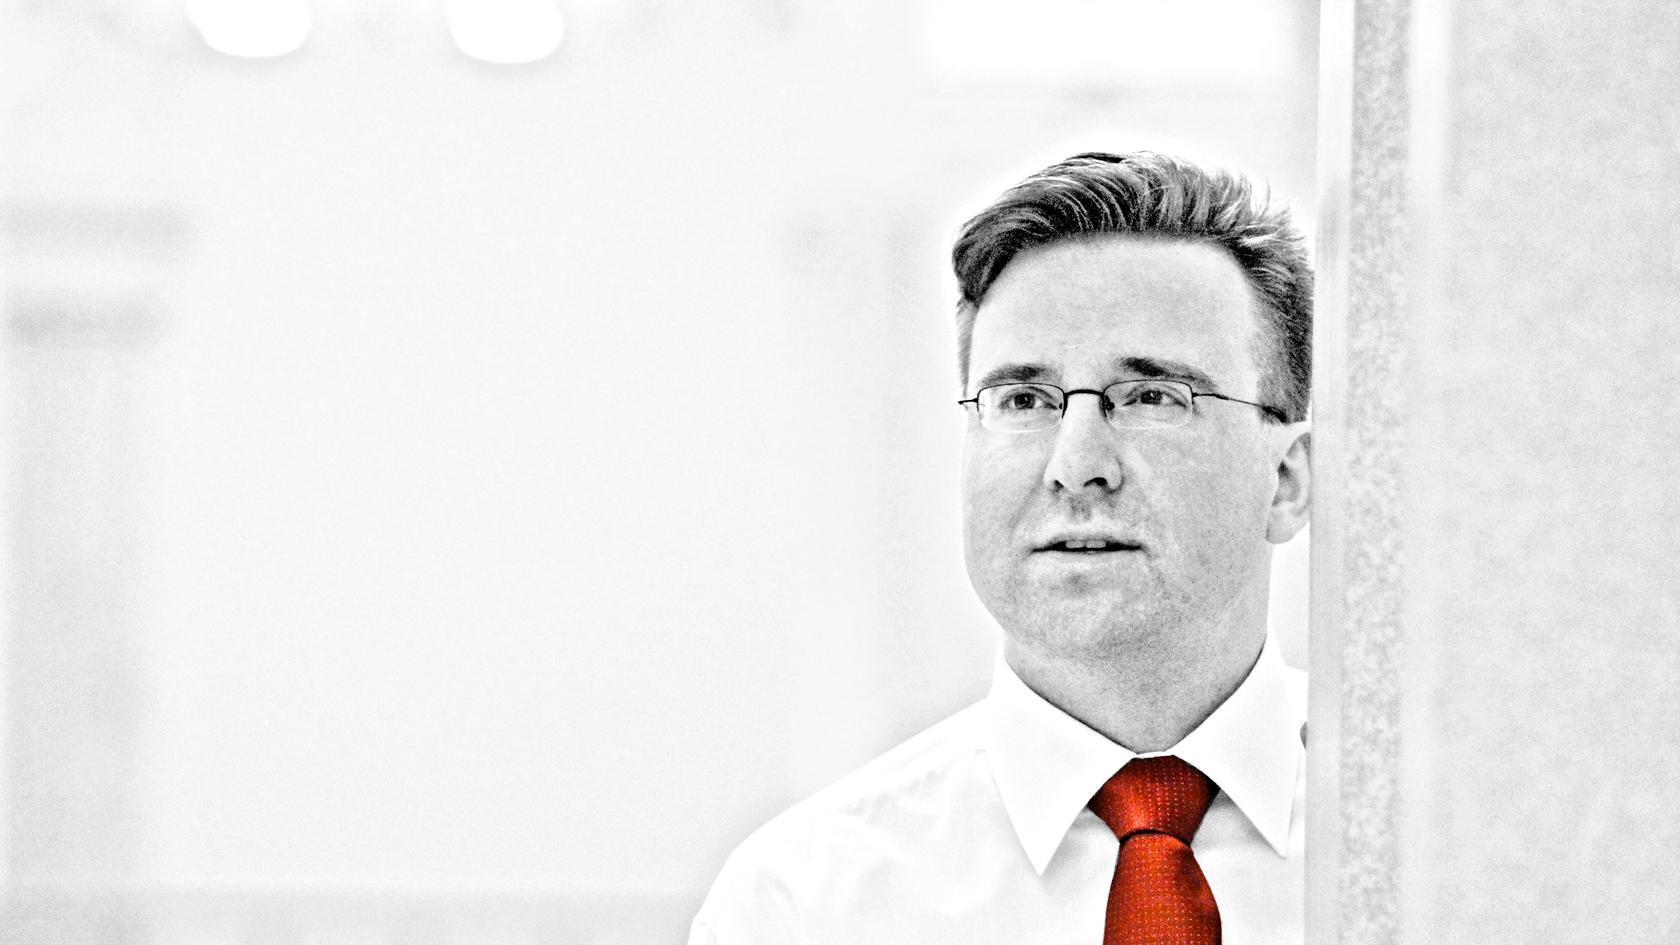 Thorsten Schatz